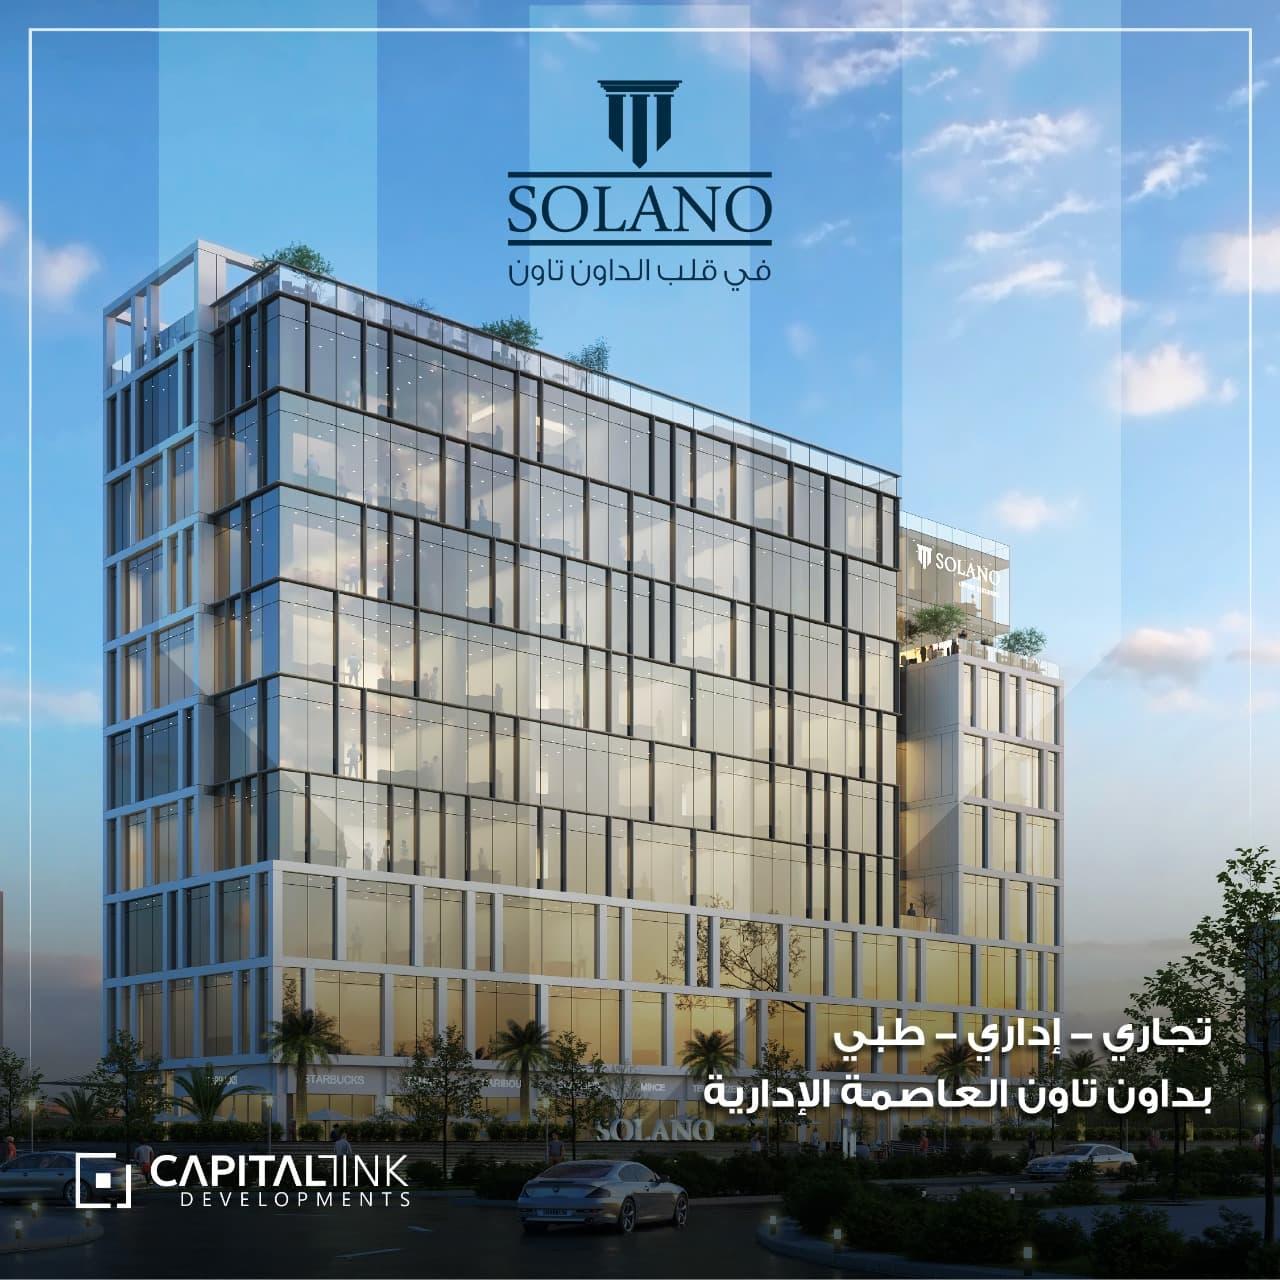 شفافية الوحدات في solano mall new capital